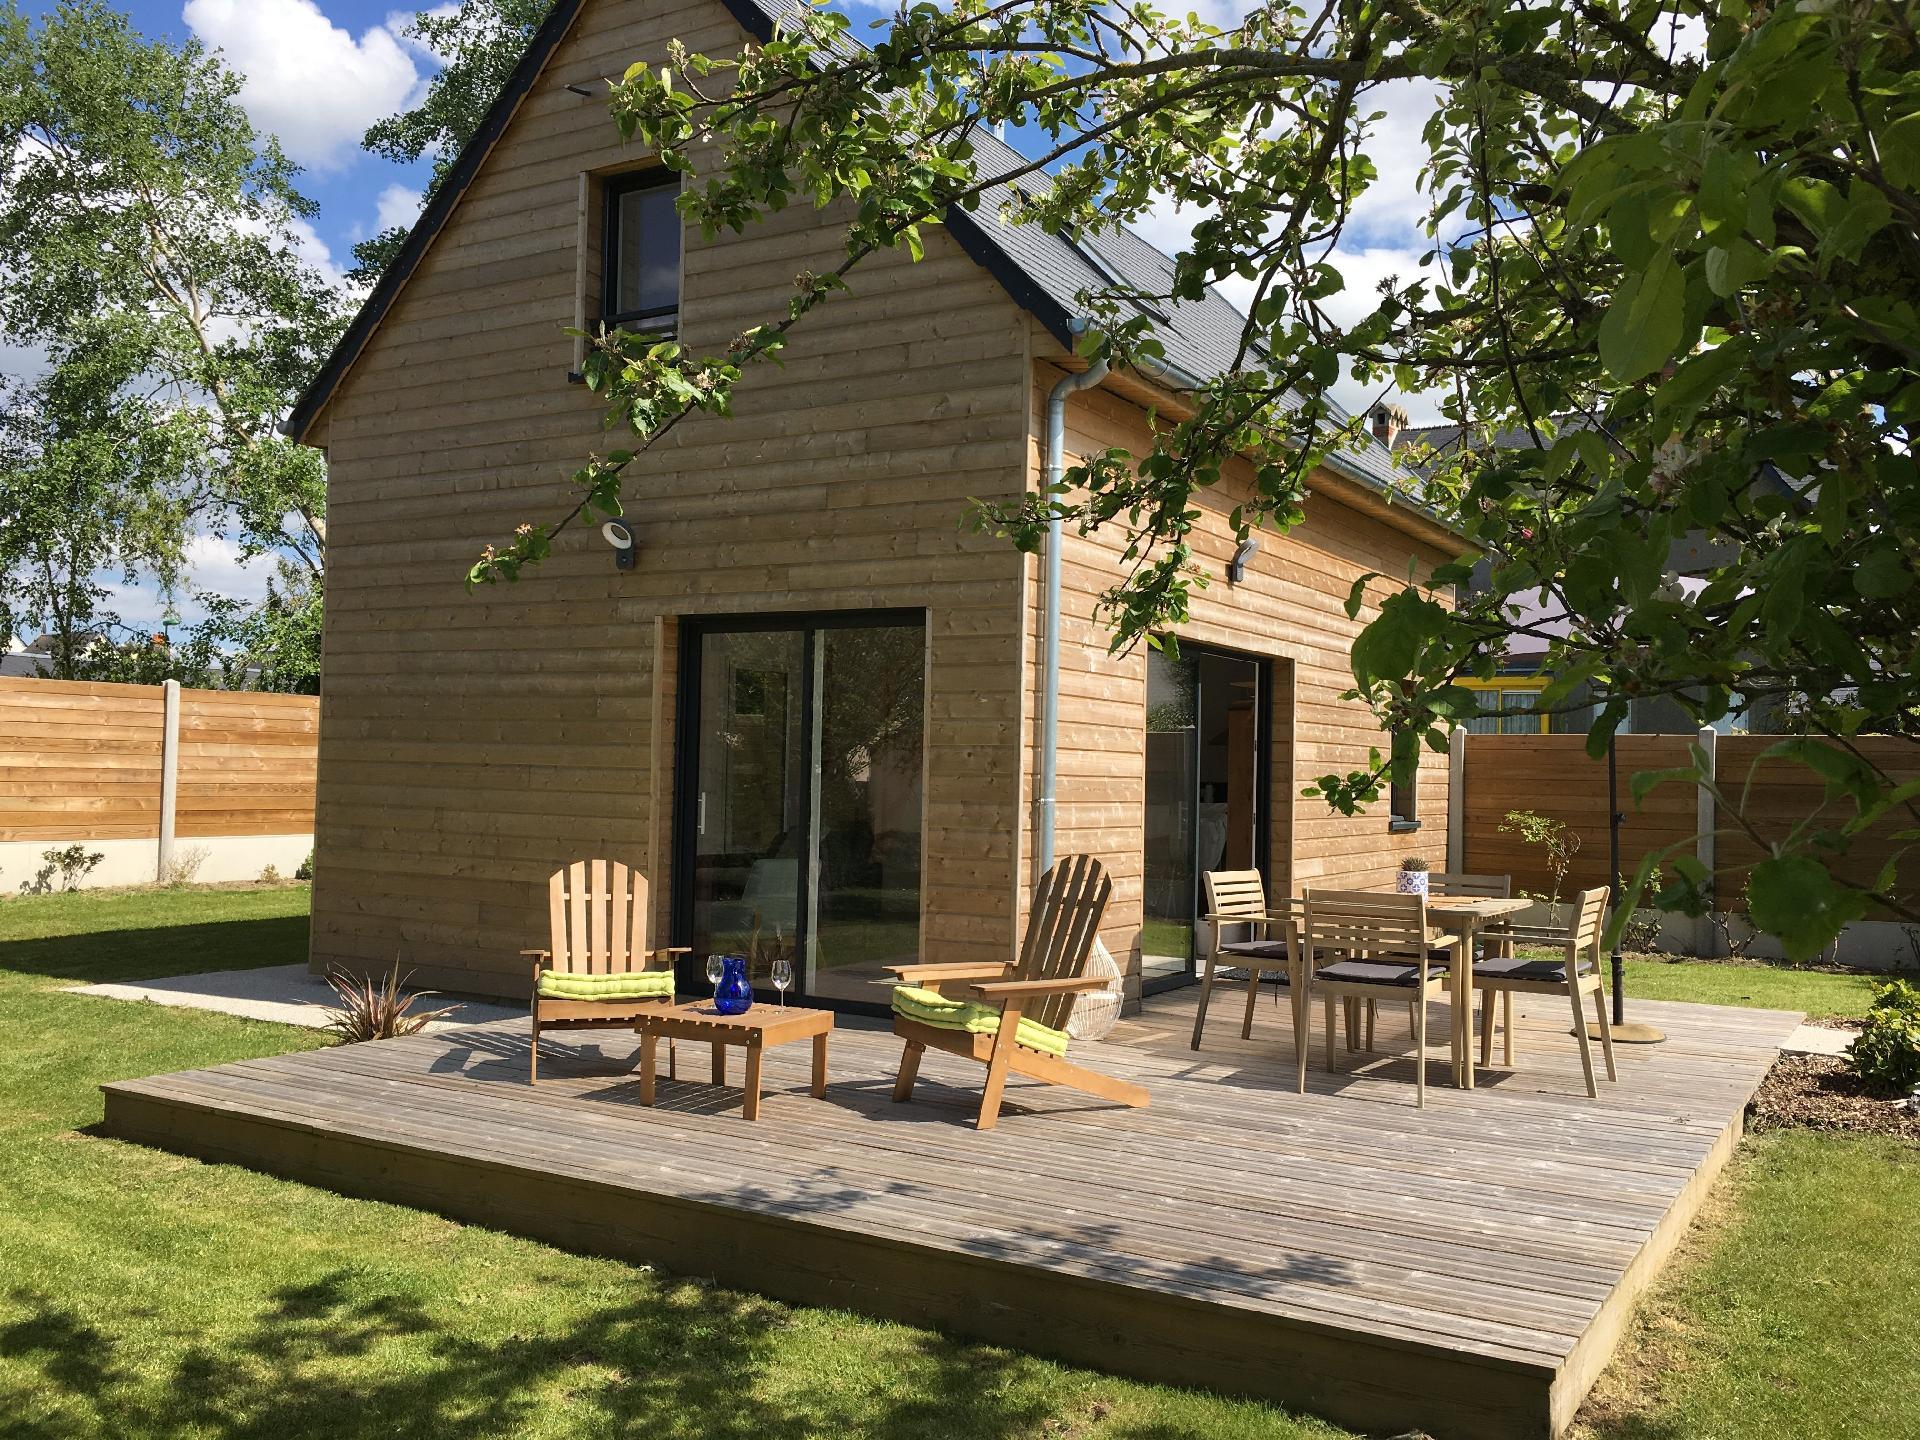 Ferienhaus für 2 Personen ca. 54 m² in P